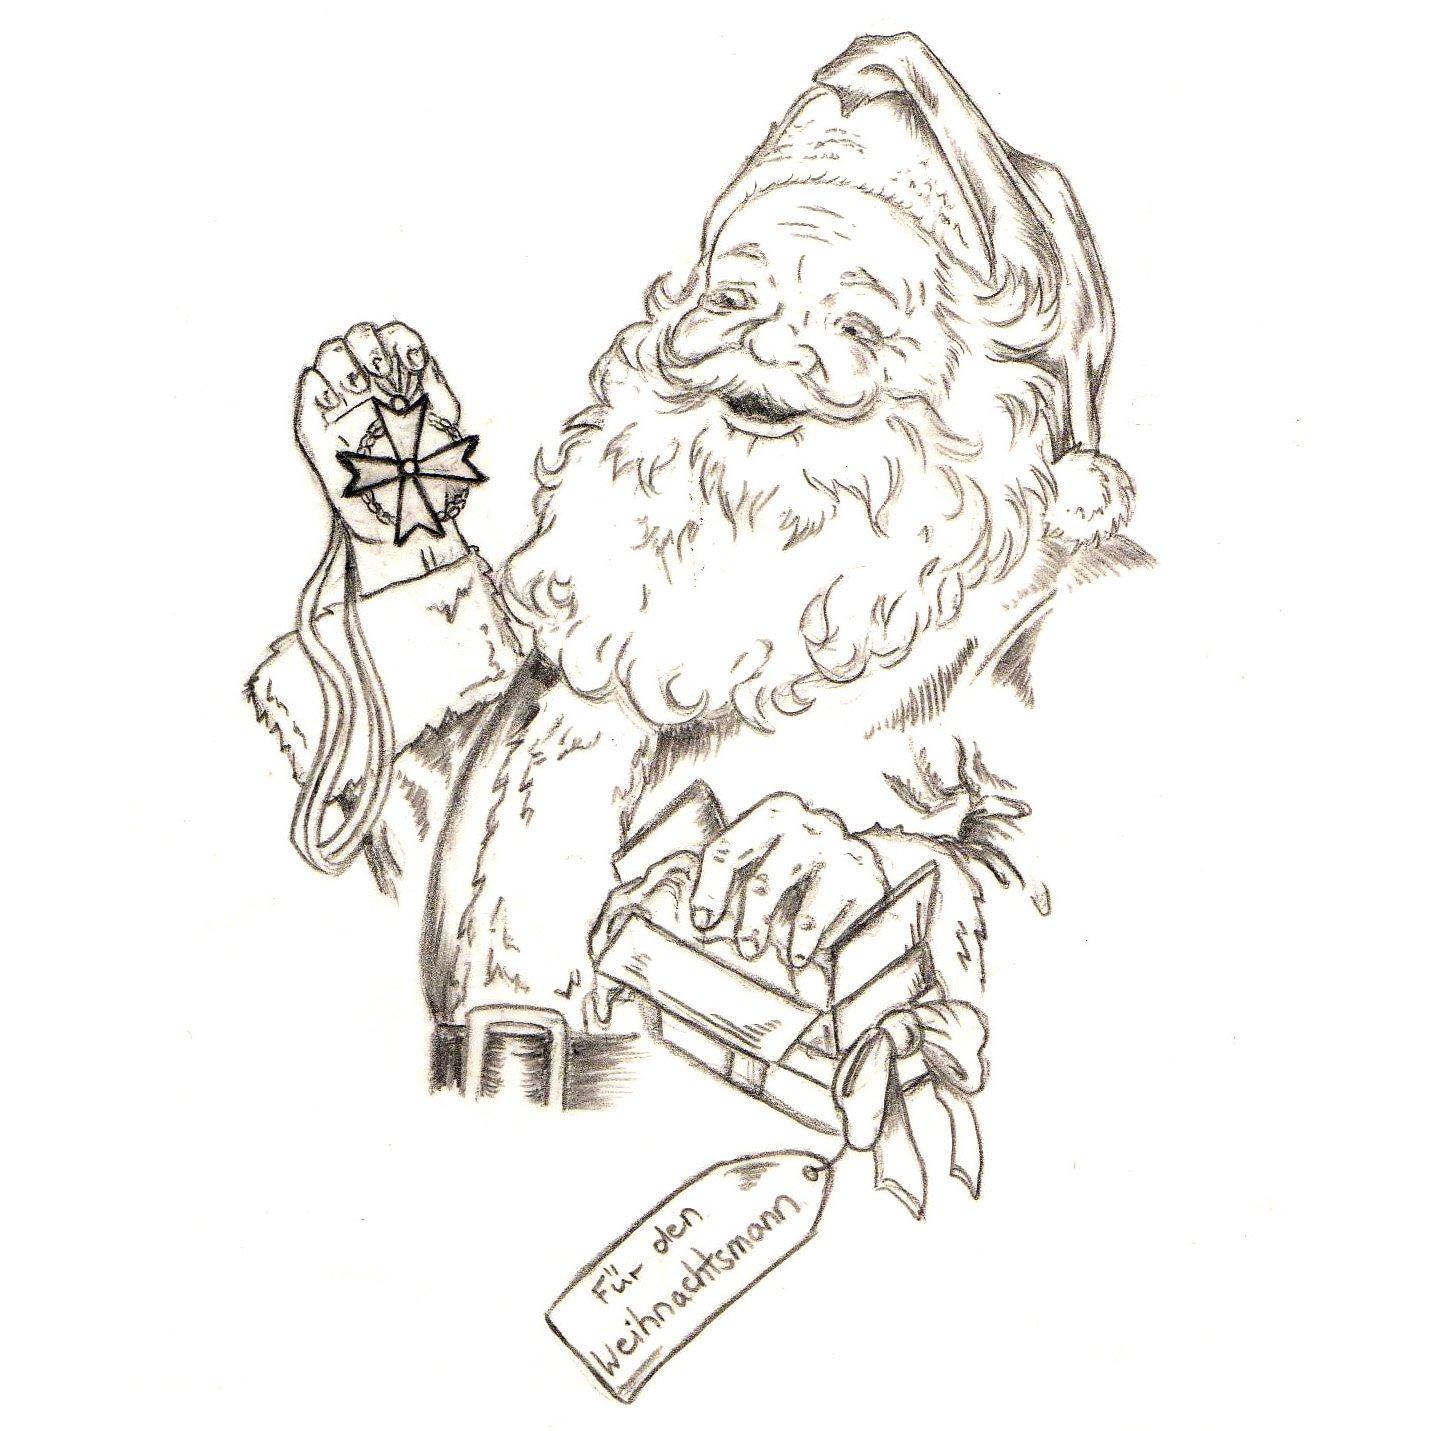 19.12.2016: Erster Orden für den Weihnachtsmann